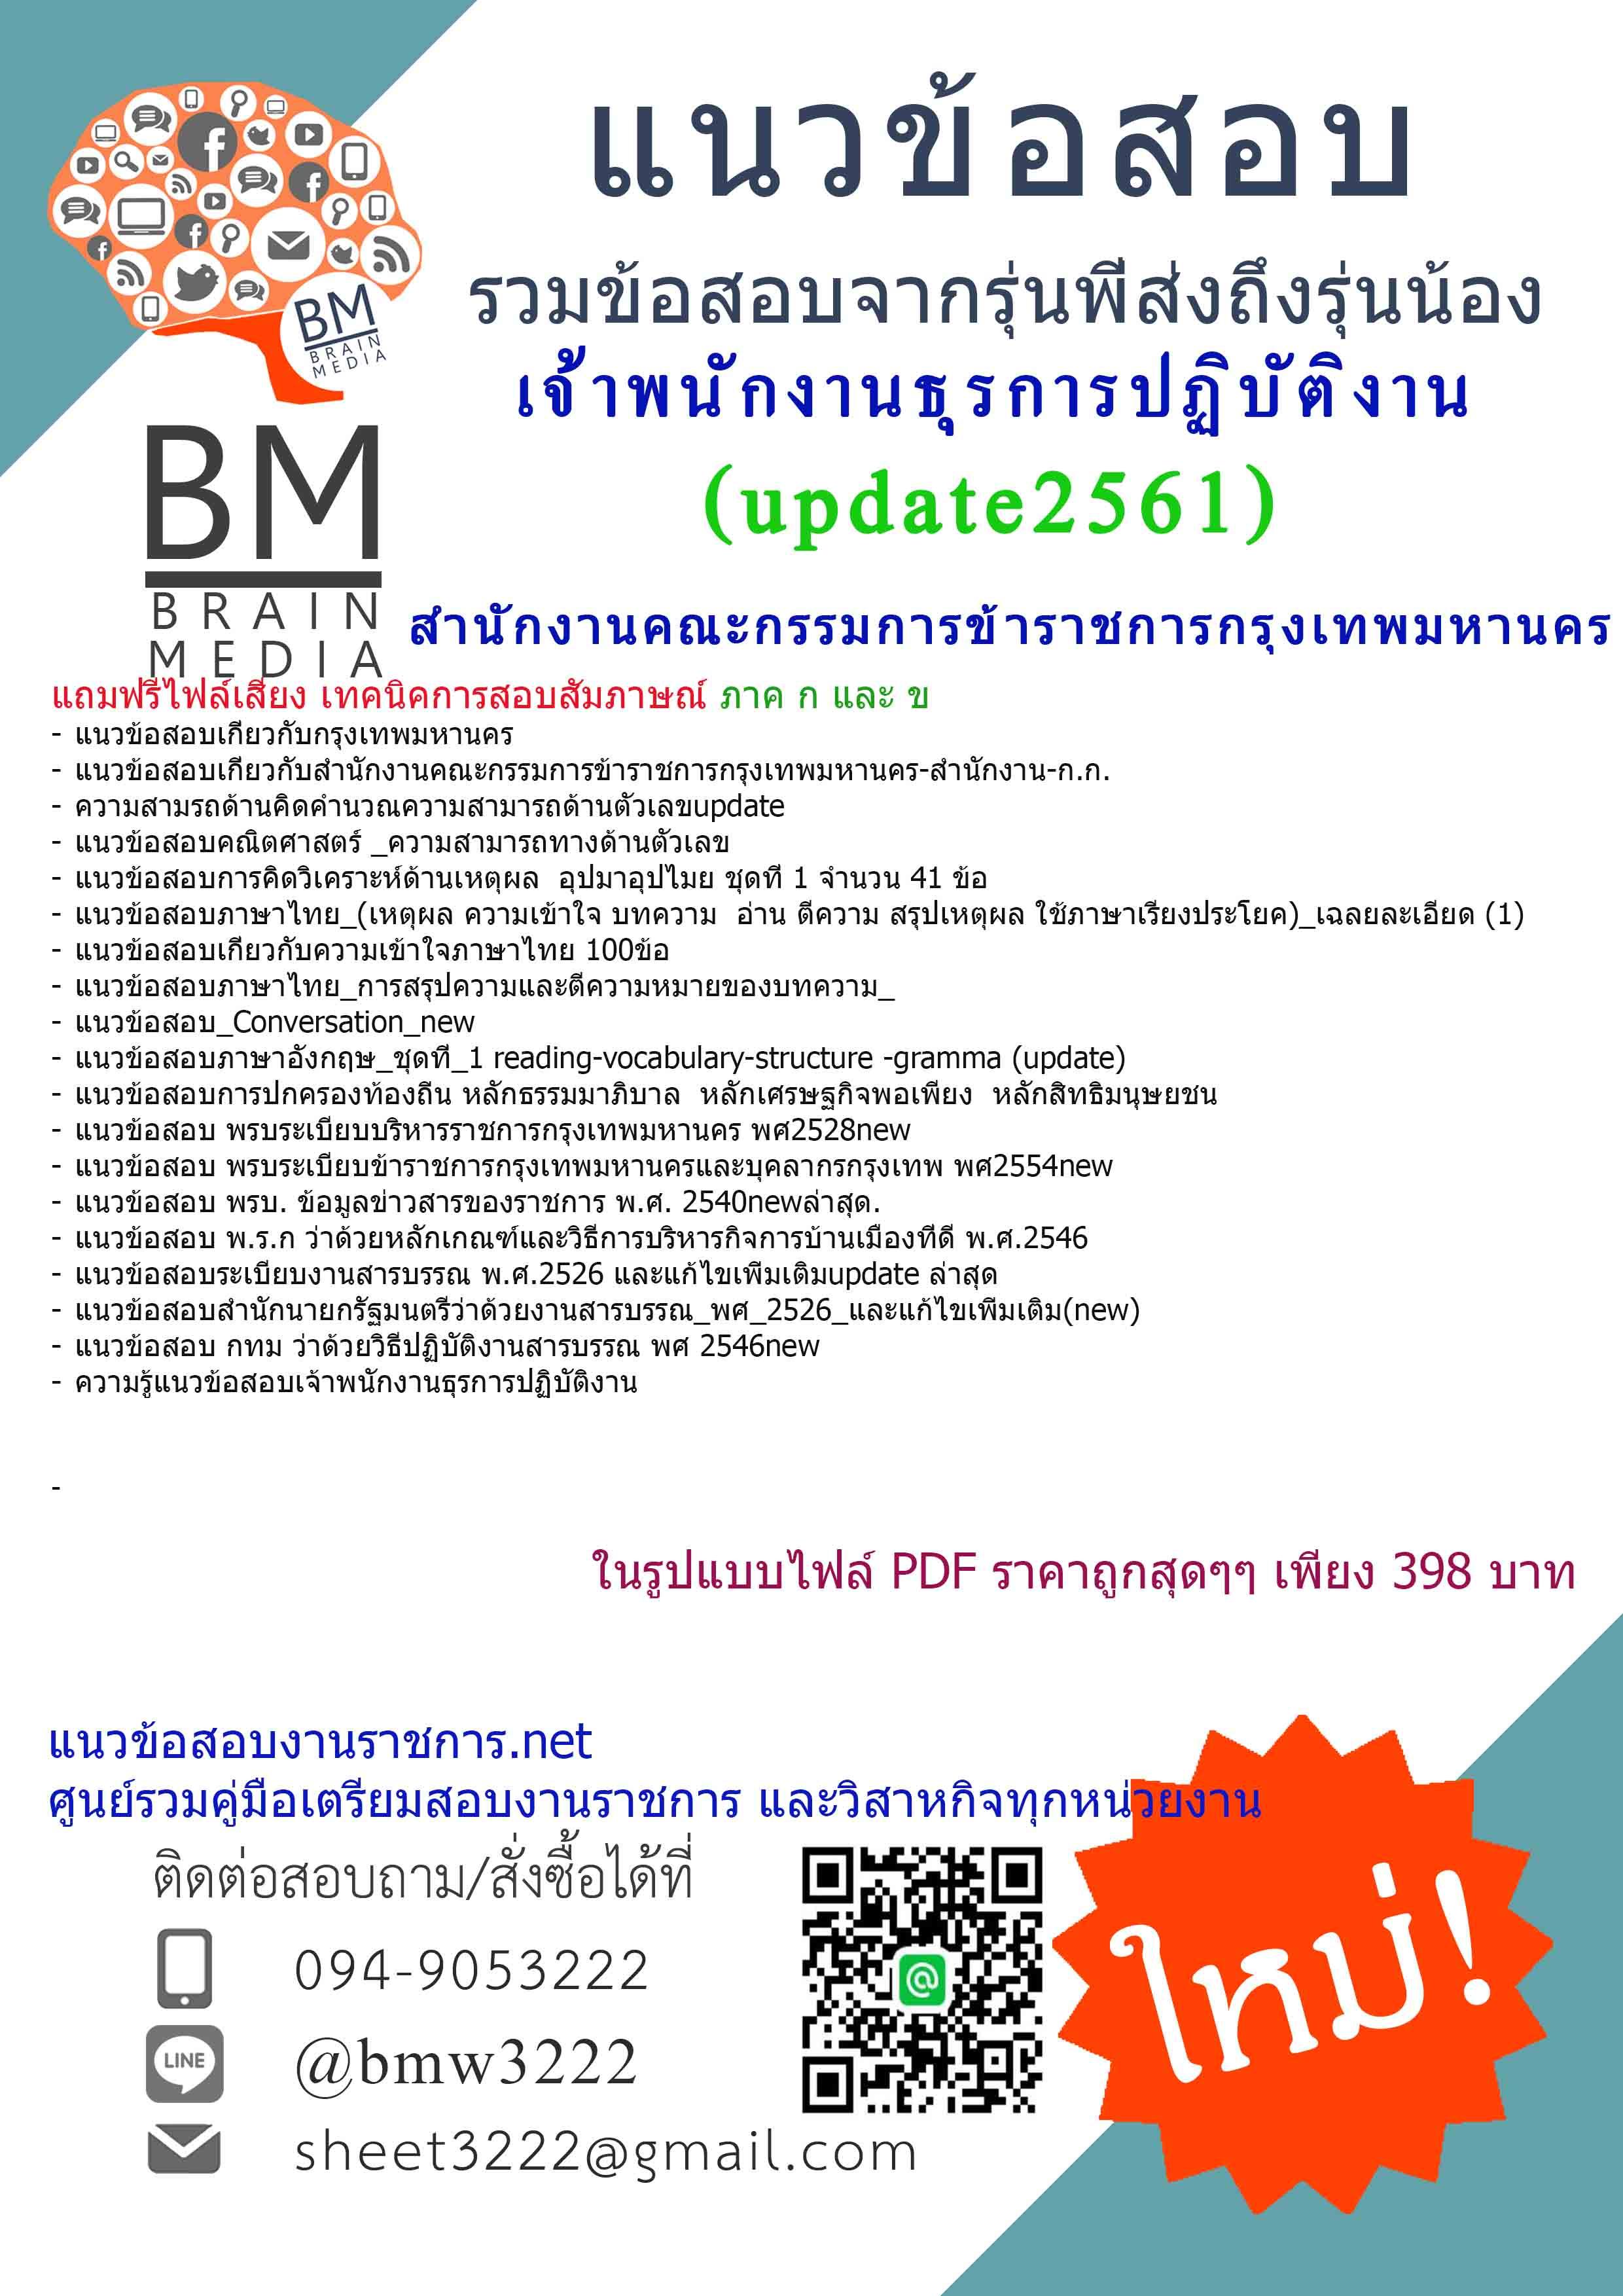 (((newupdateที่สุด)))แนวข้อสอบเจ้าพนักงานธุรการปฏิบัติงานข้าราชการกรุงเทพมหานคร(กทม.)สำนักงานคณะกรรมการข้าราชการกรุงเทพมหานคร(สำนักงานก.ก.)2561